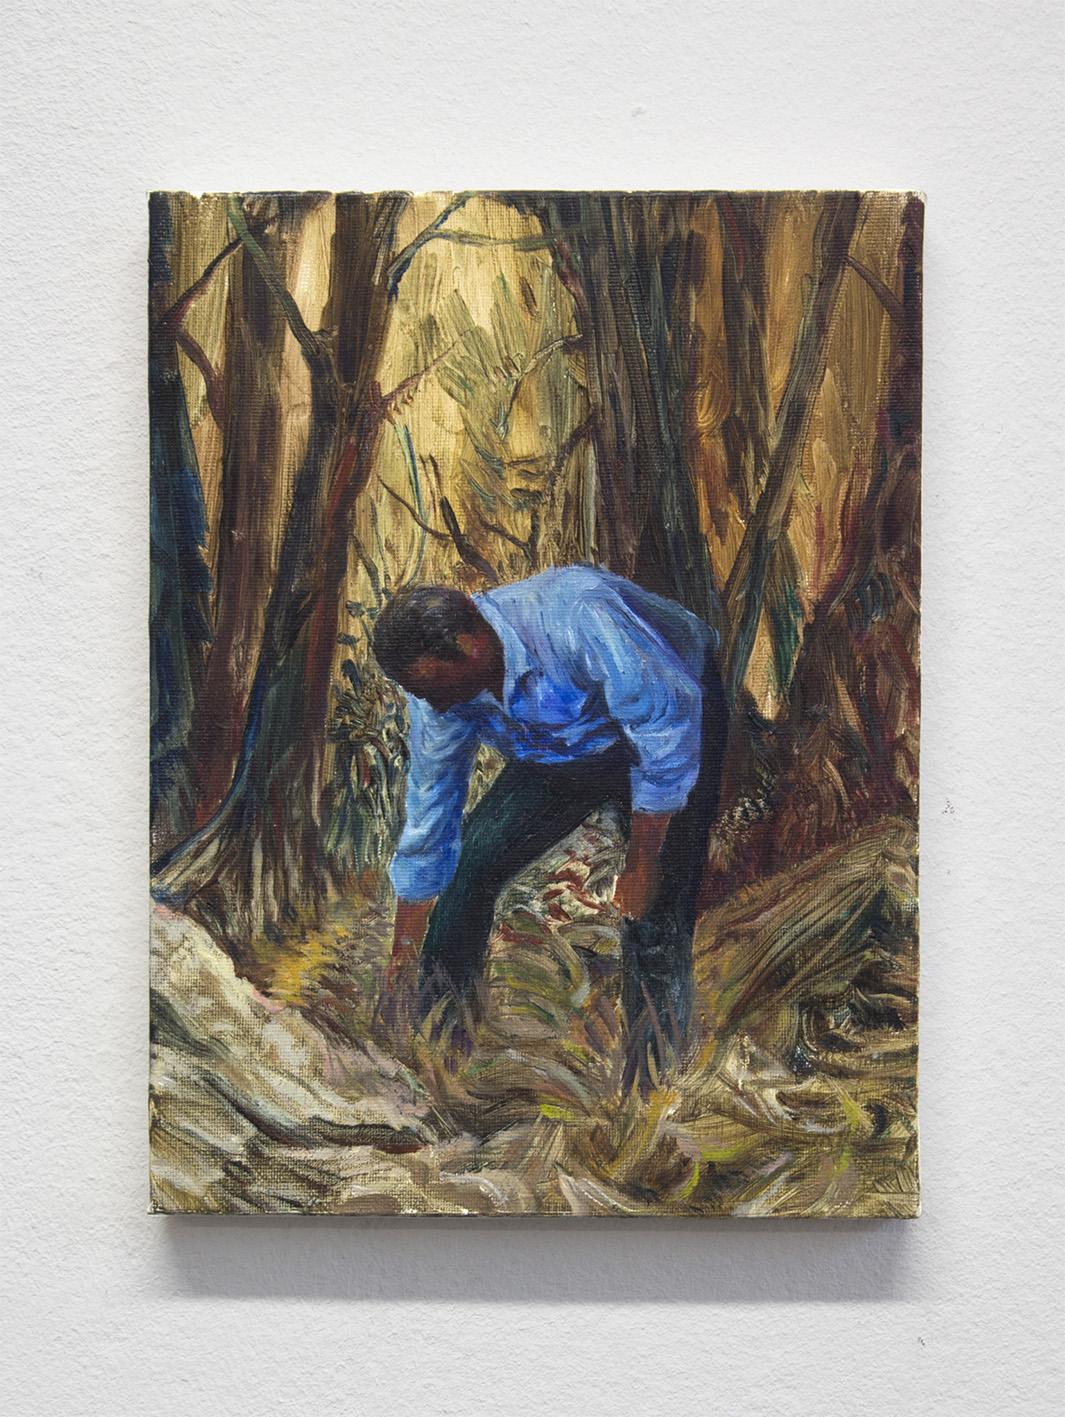 Luca De Angelis, Senza titolo, olio su tela, 24x18 cm, 2015